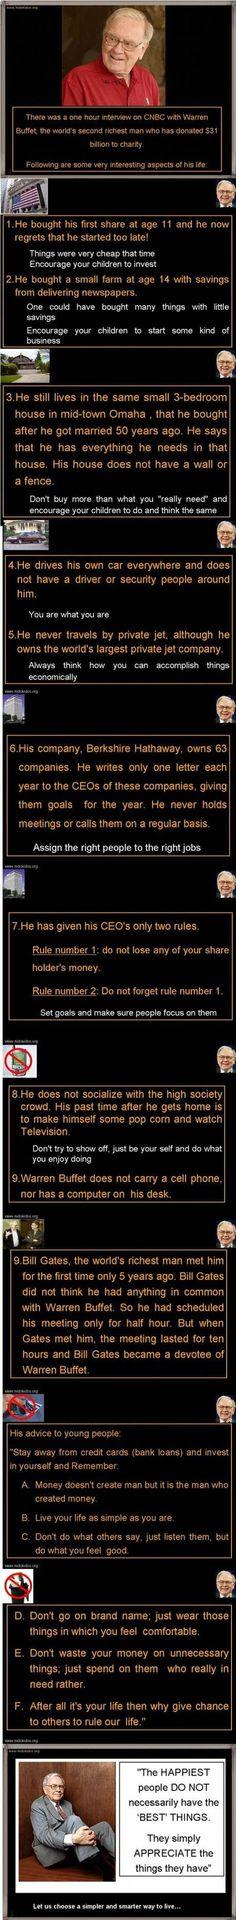 The frugality of Warren Buffett.